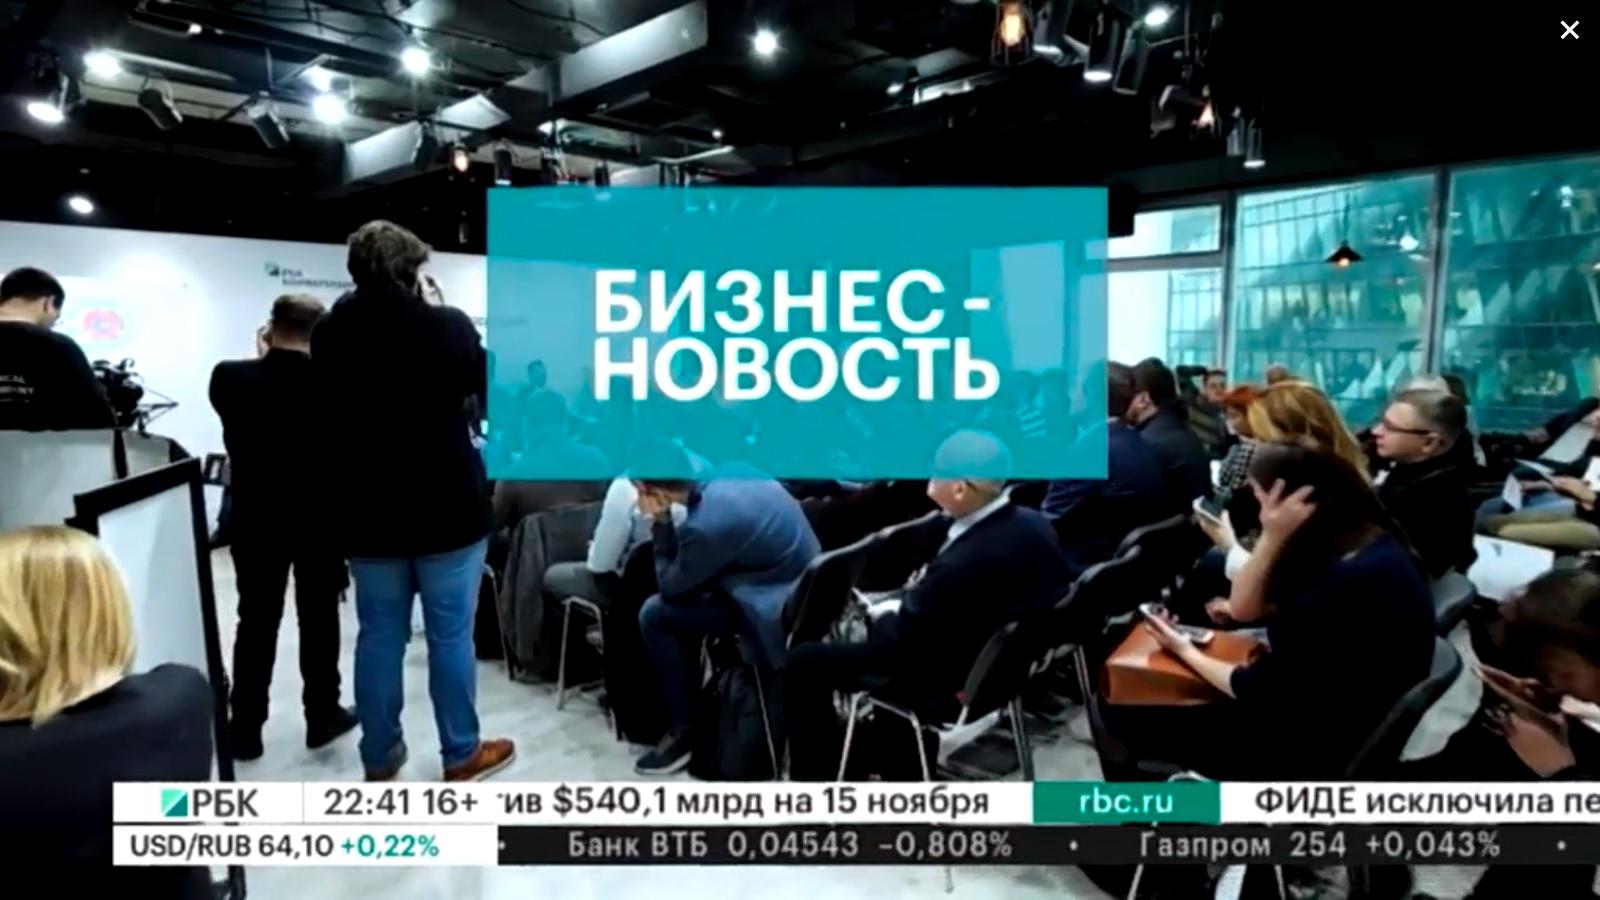 Евгений Тихомиров, исполнительный директор SafeCrow